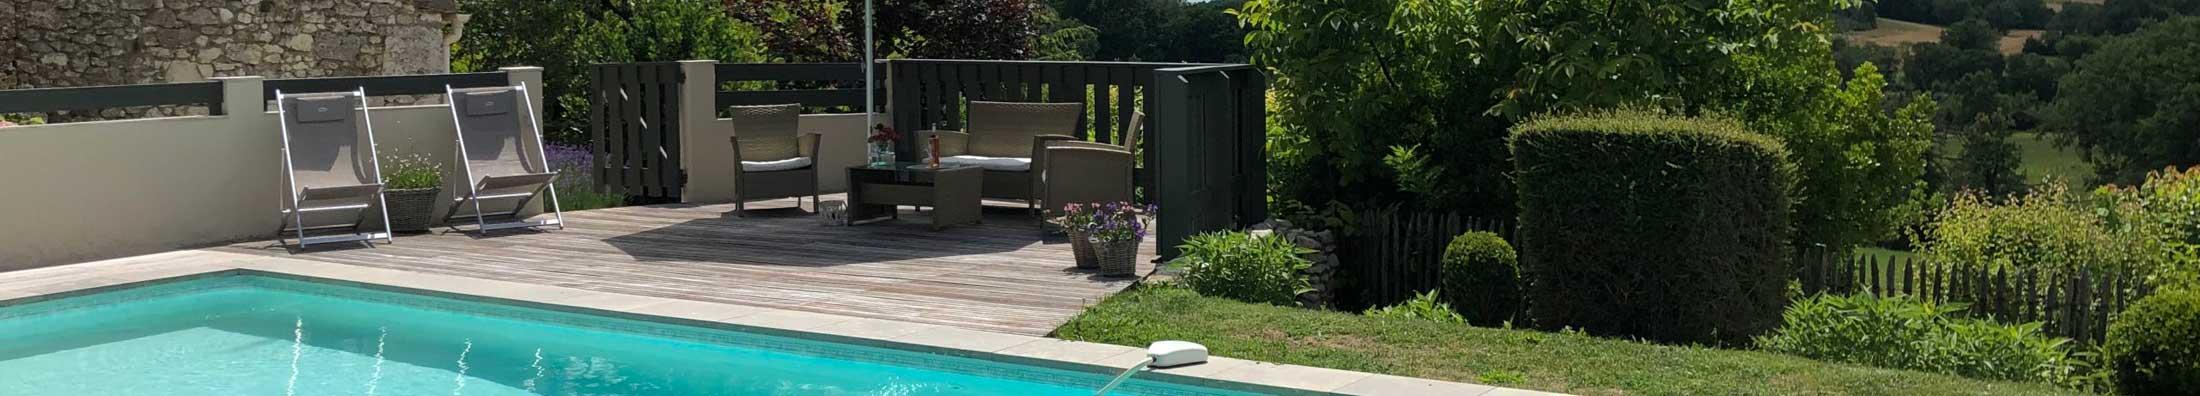 Beste Bed and Breakfast - Frankrijk - Nouvelle-Aquitaine - Dordogne - Bardou - La Ferme Buissonière - topfoto